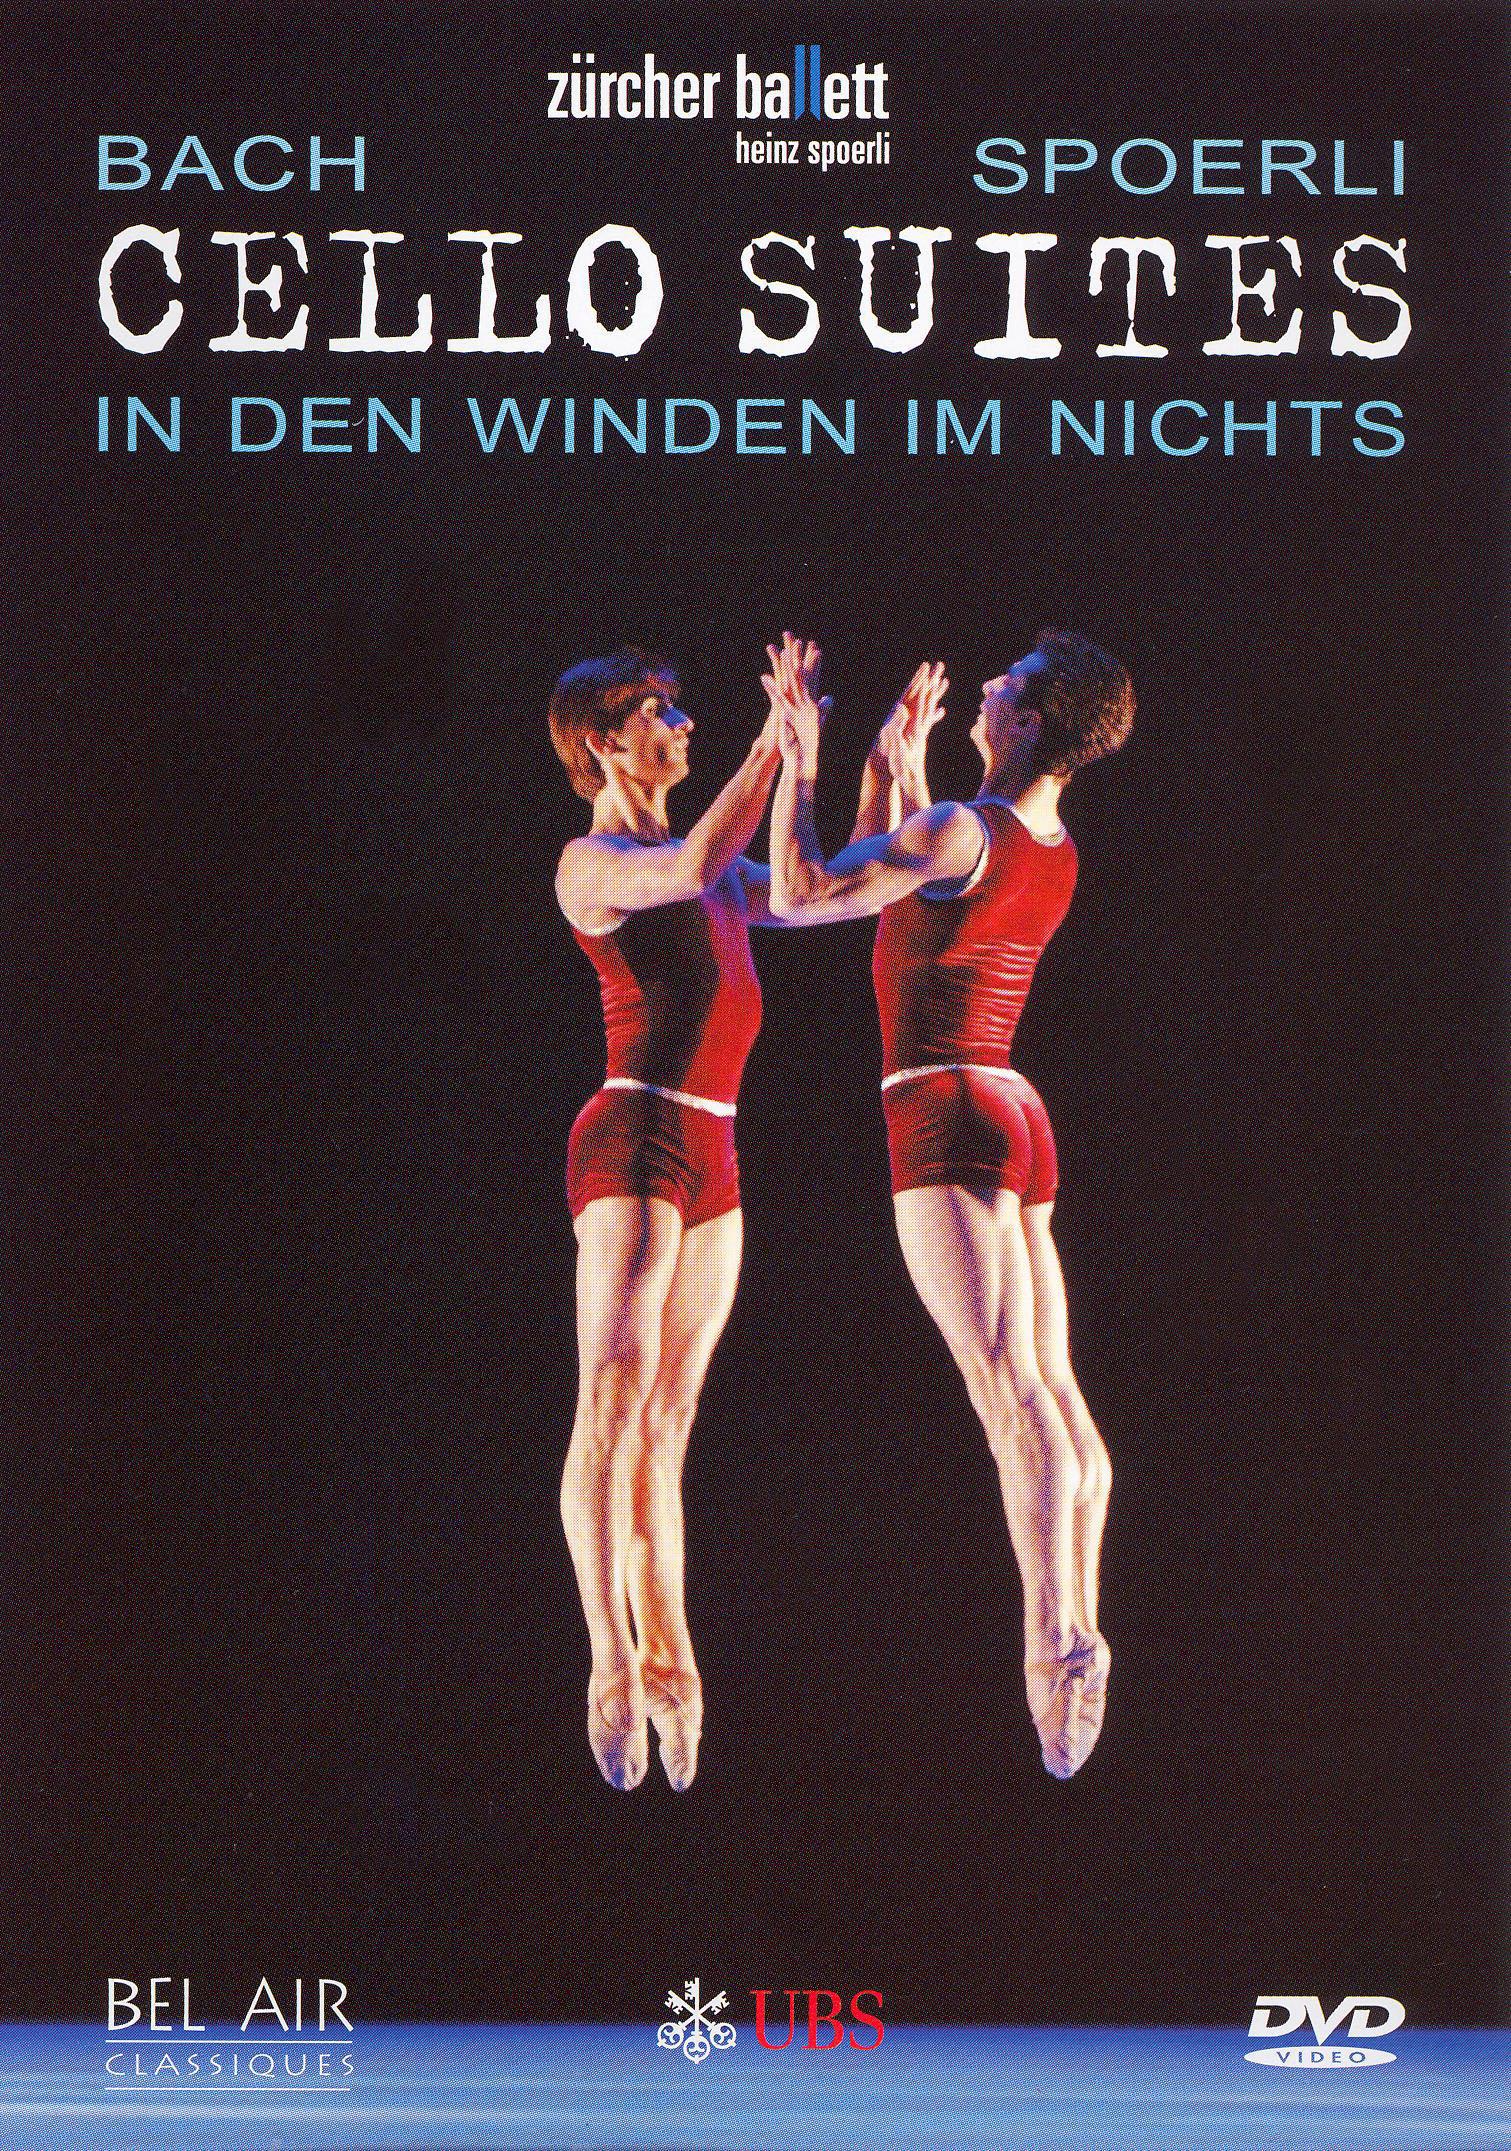 Zucher Ballett: Cello Suites - In Den Winden Im Nichts